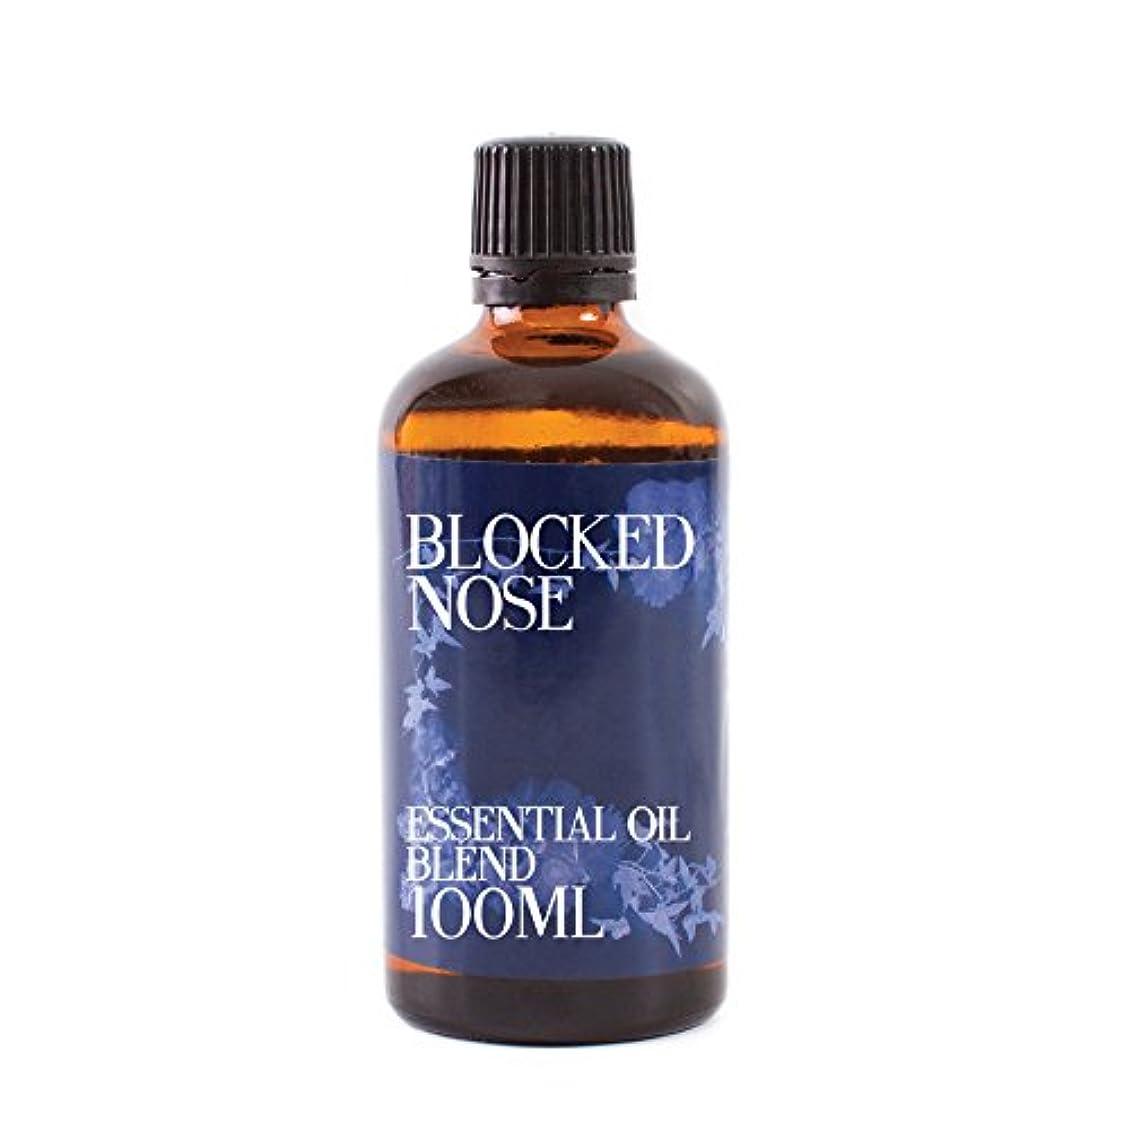 残酷エントリ助けてMystic Moments   Blocked Nose Essential Oil Blend - 100ml - 100% Pure